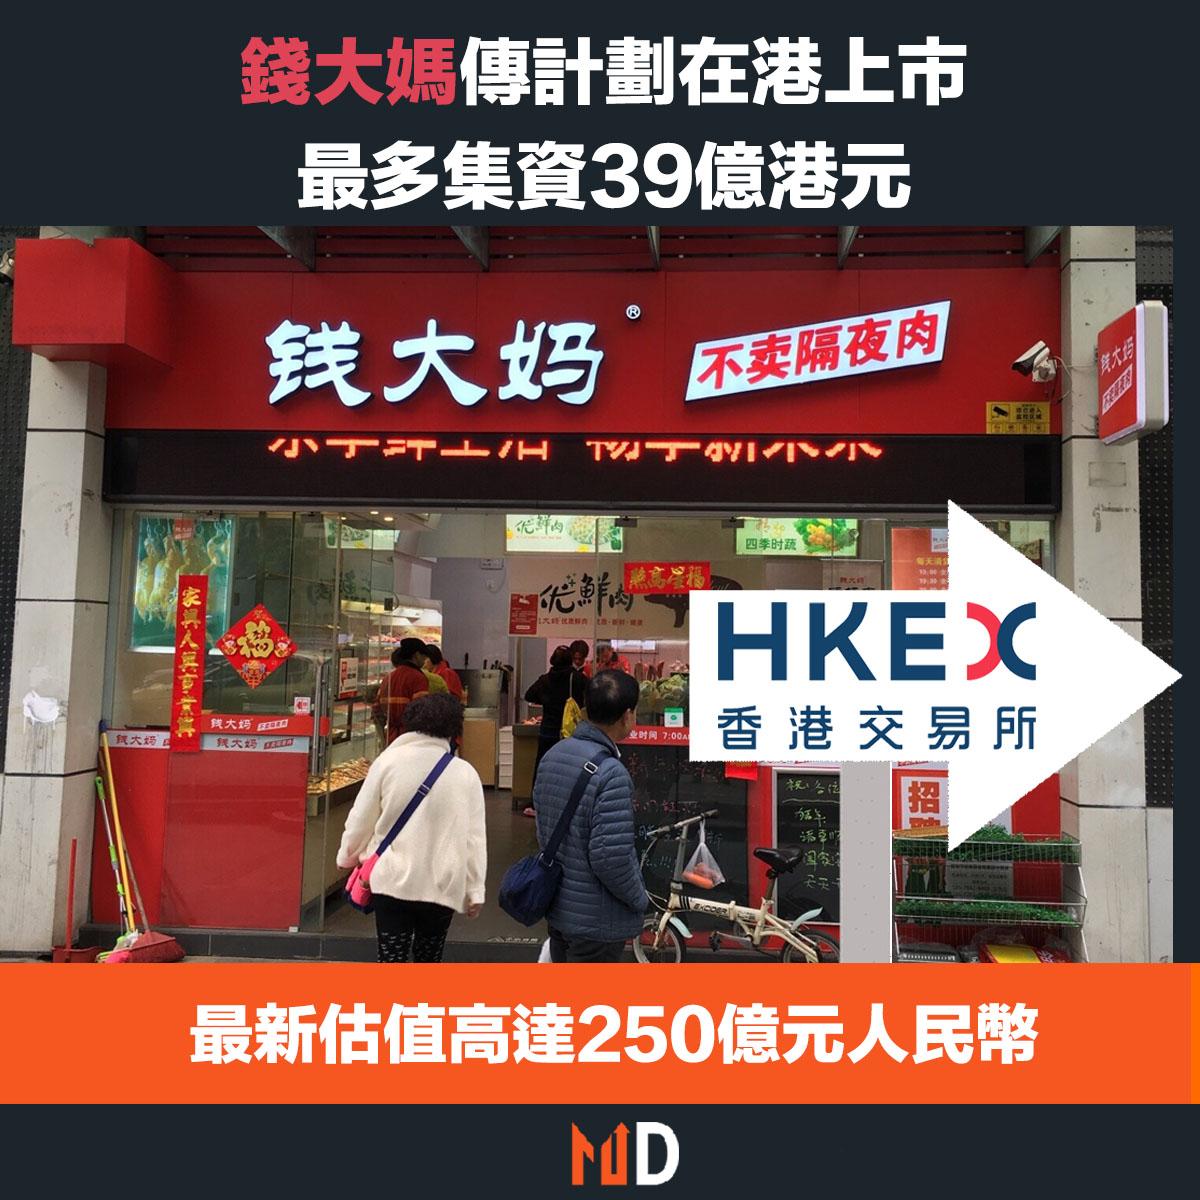 【重點新股】彭博:「不賣隔夜肉」錢大媽傳計劃在港上市,最新估值高達250億元人民幣